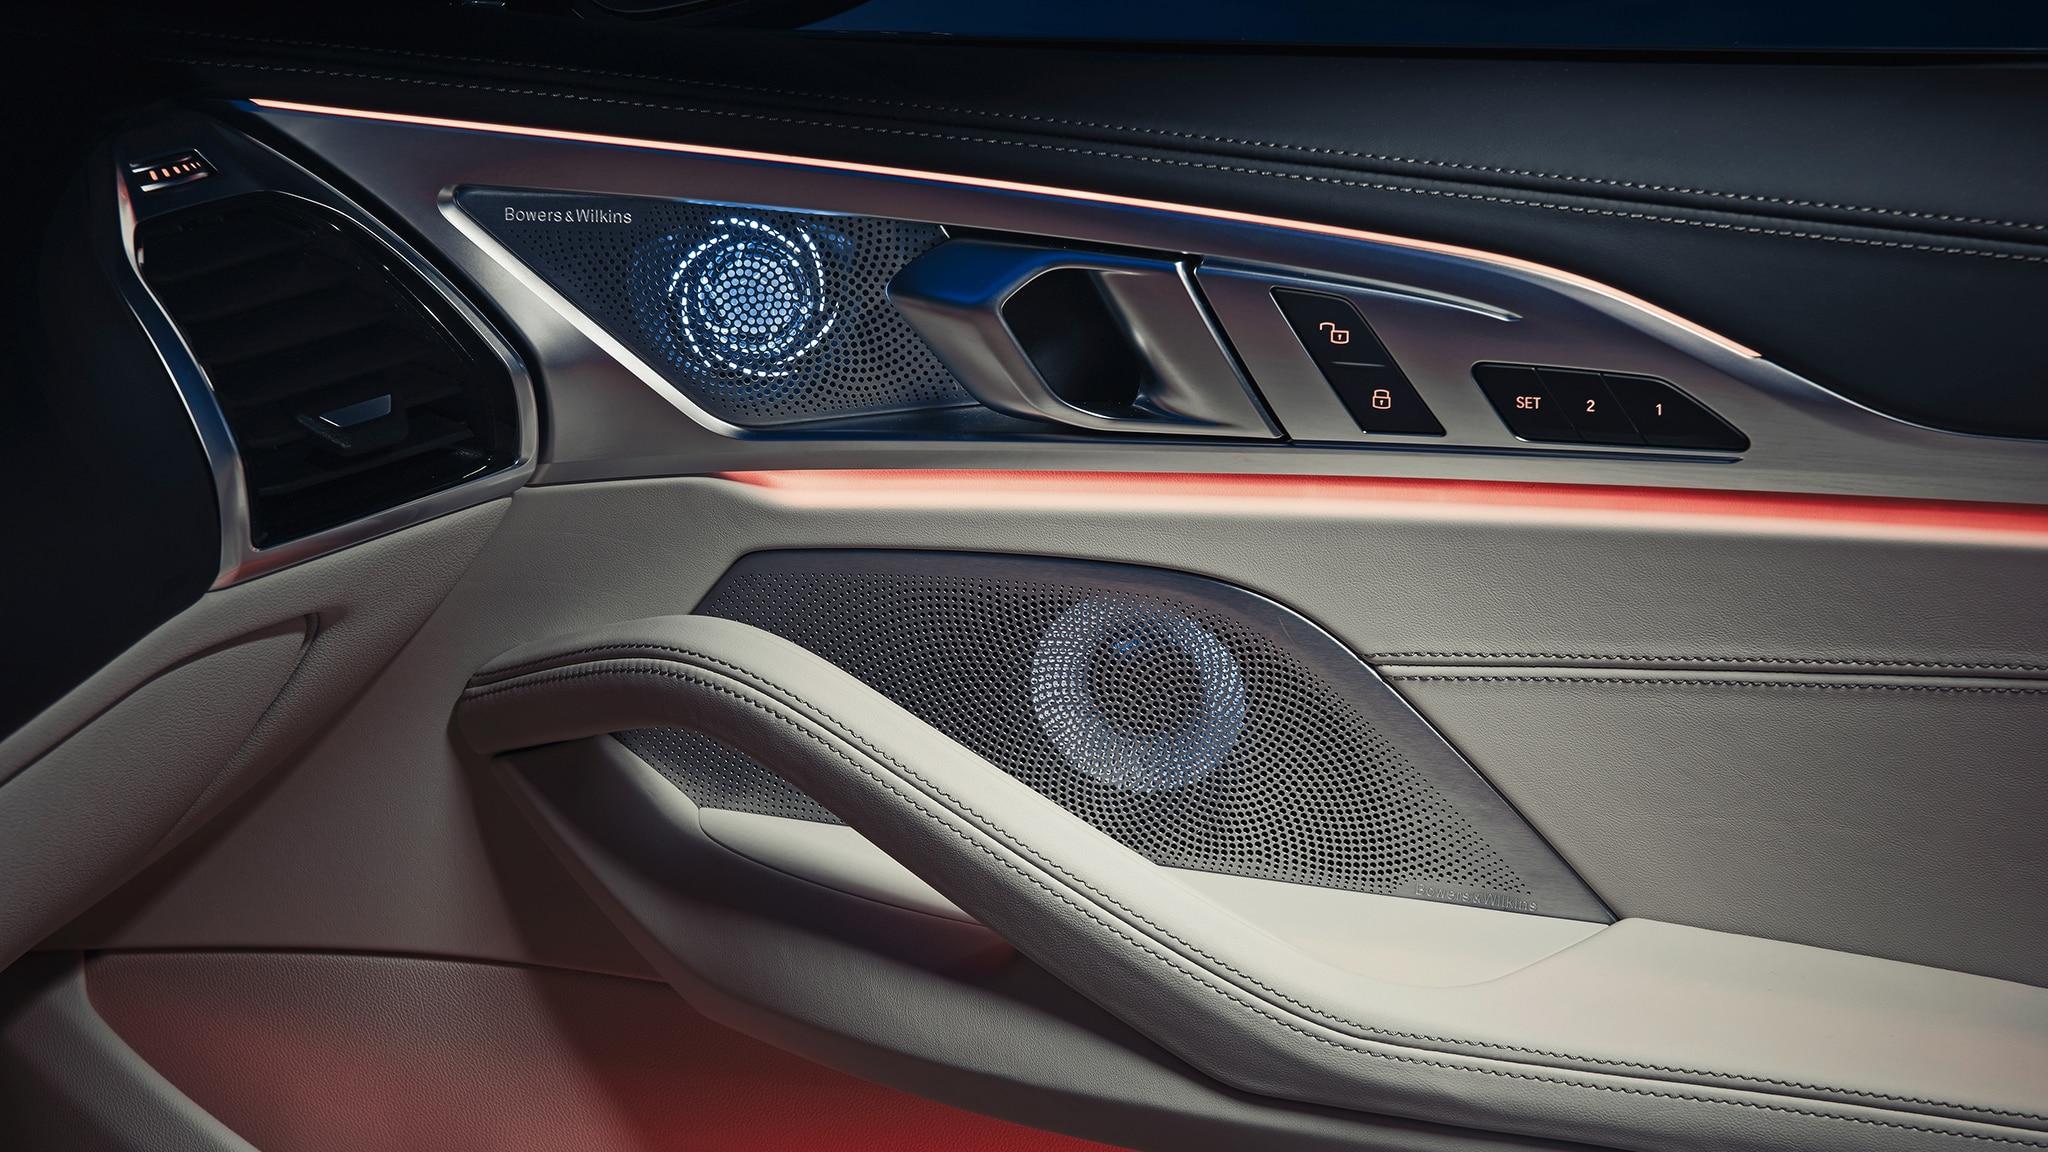 2019 BMW M850i Convertible Interior Door Panel With Lighting